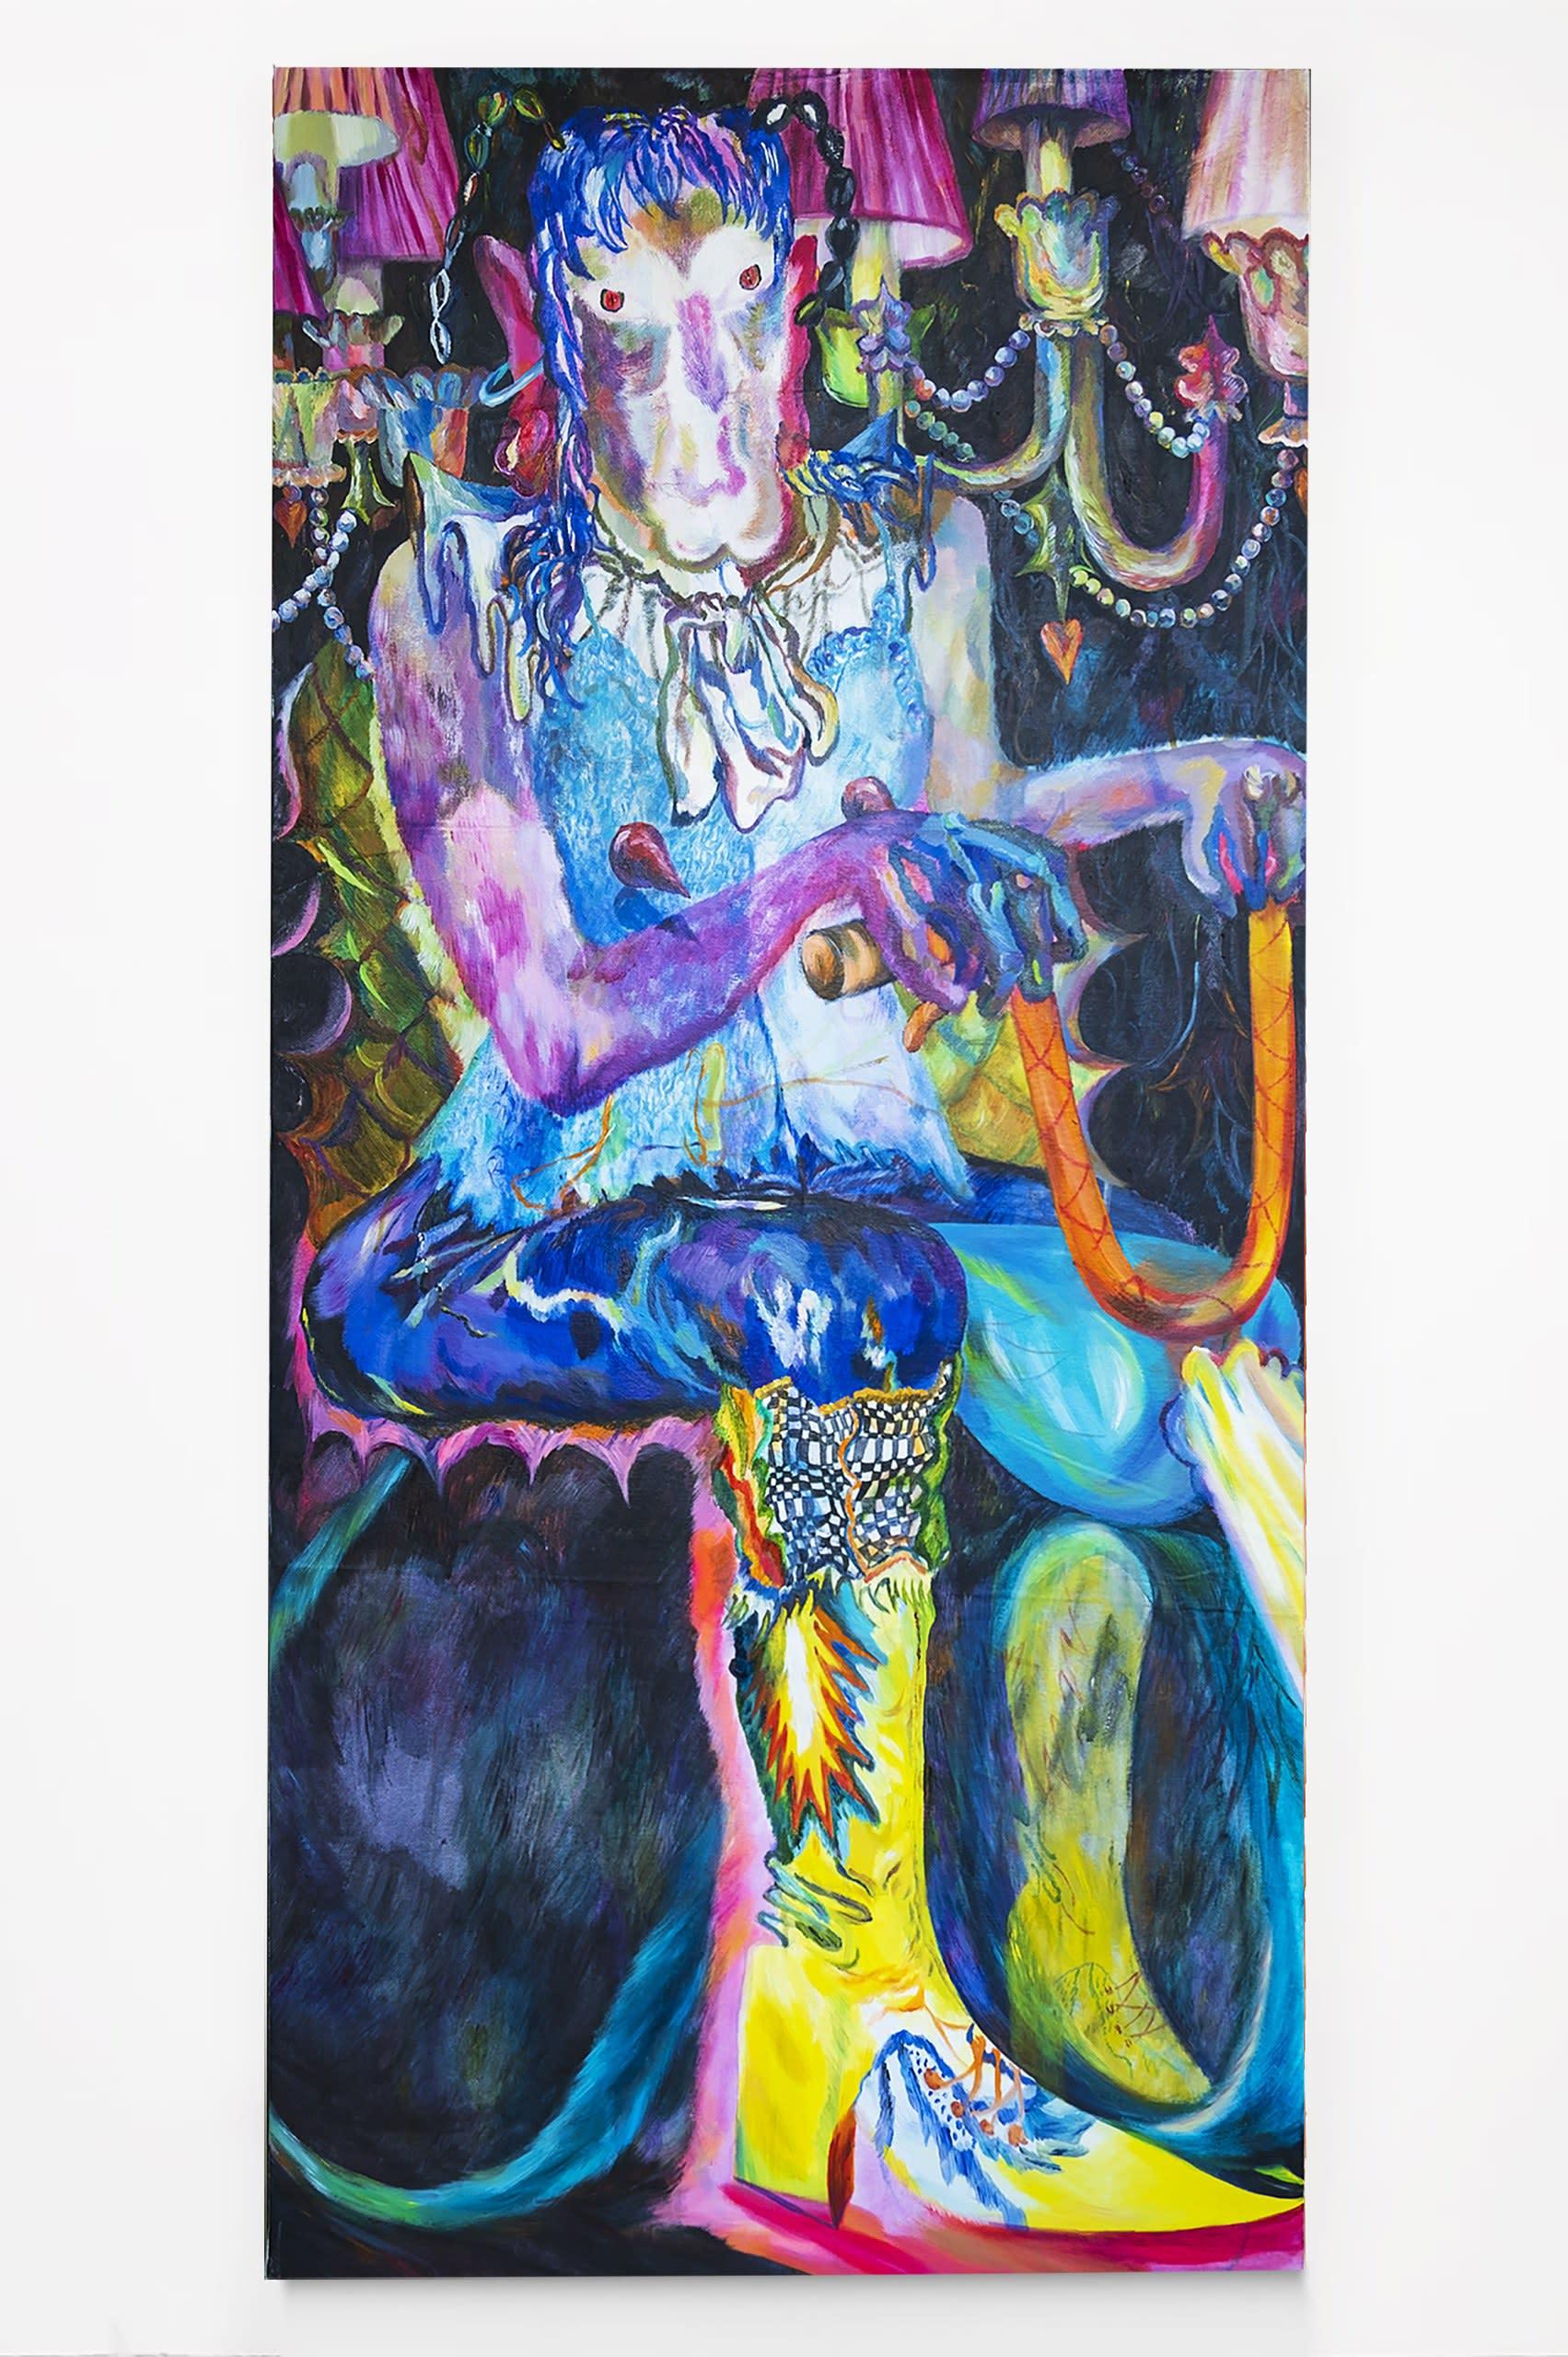 Du Du Du Du, 2020, oil and acrylic on canvas, 163 x 78 cm